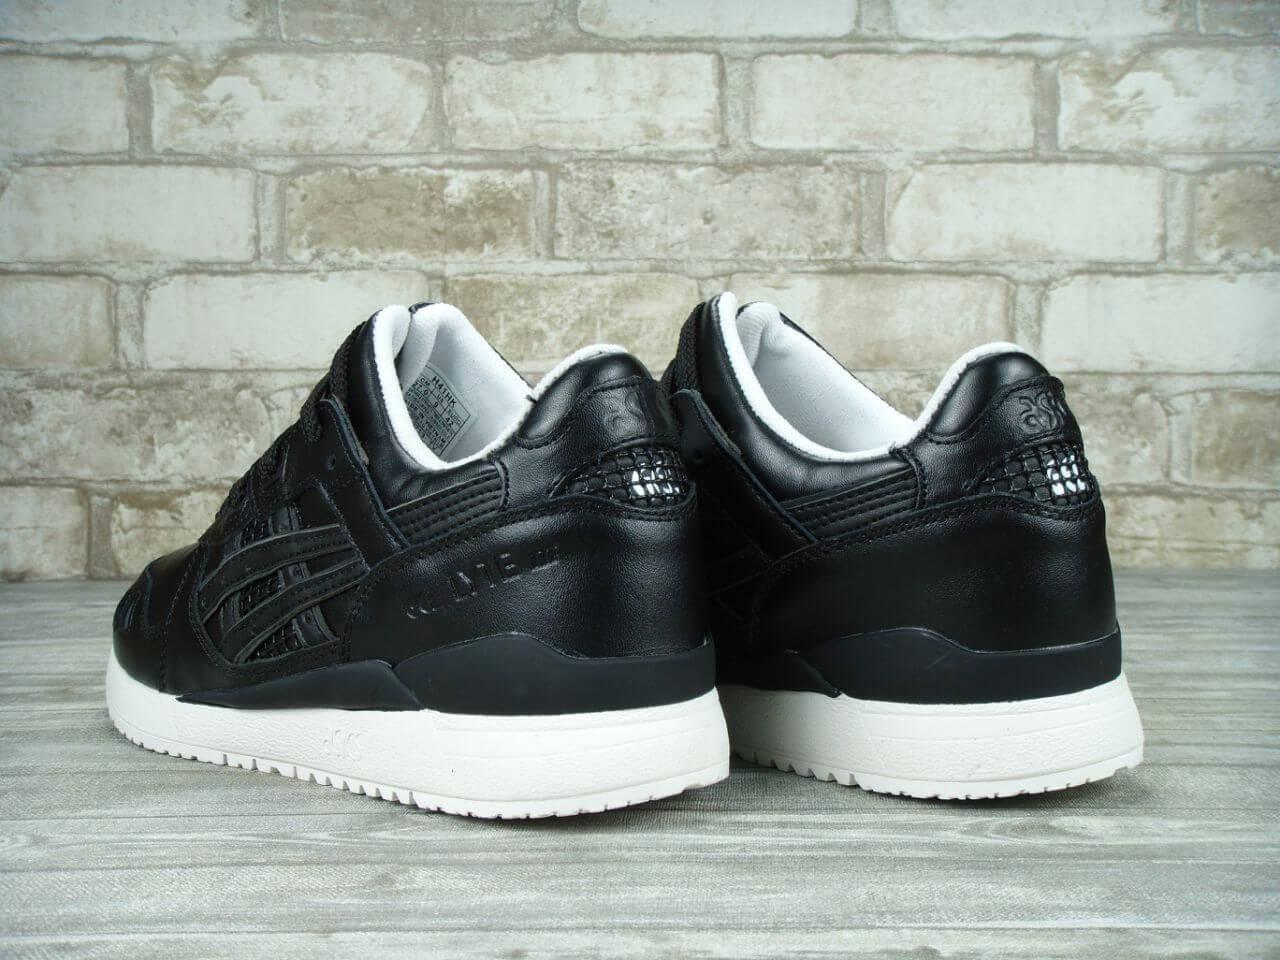 Кроссовки Asics Gel Lyte 3 Black Leather купить в Киеве  ea78885fb5bcf